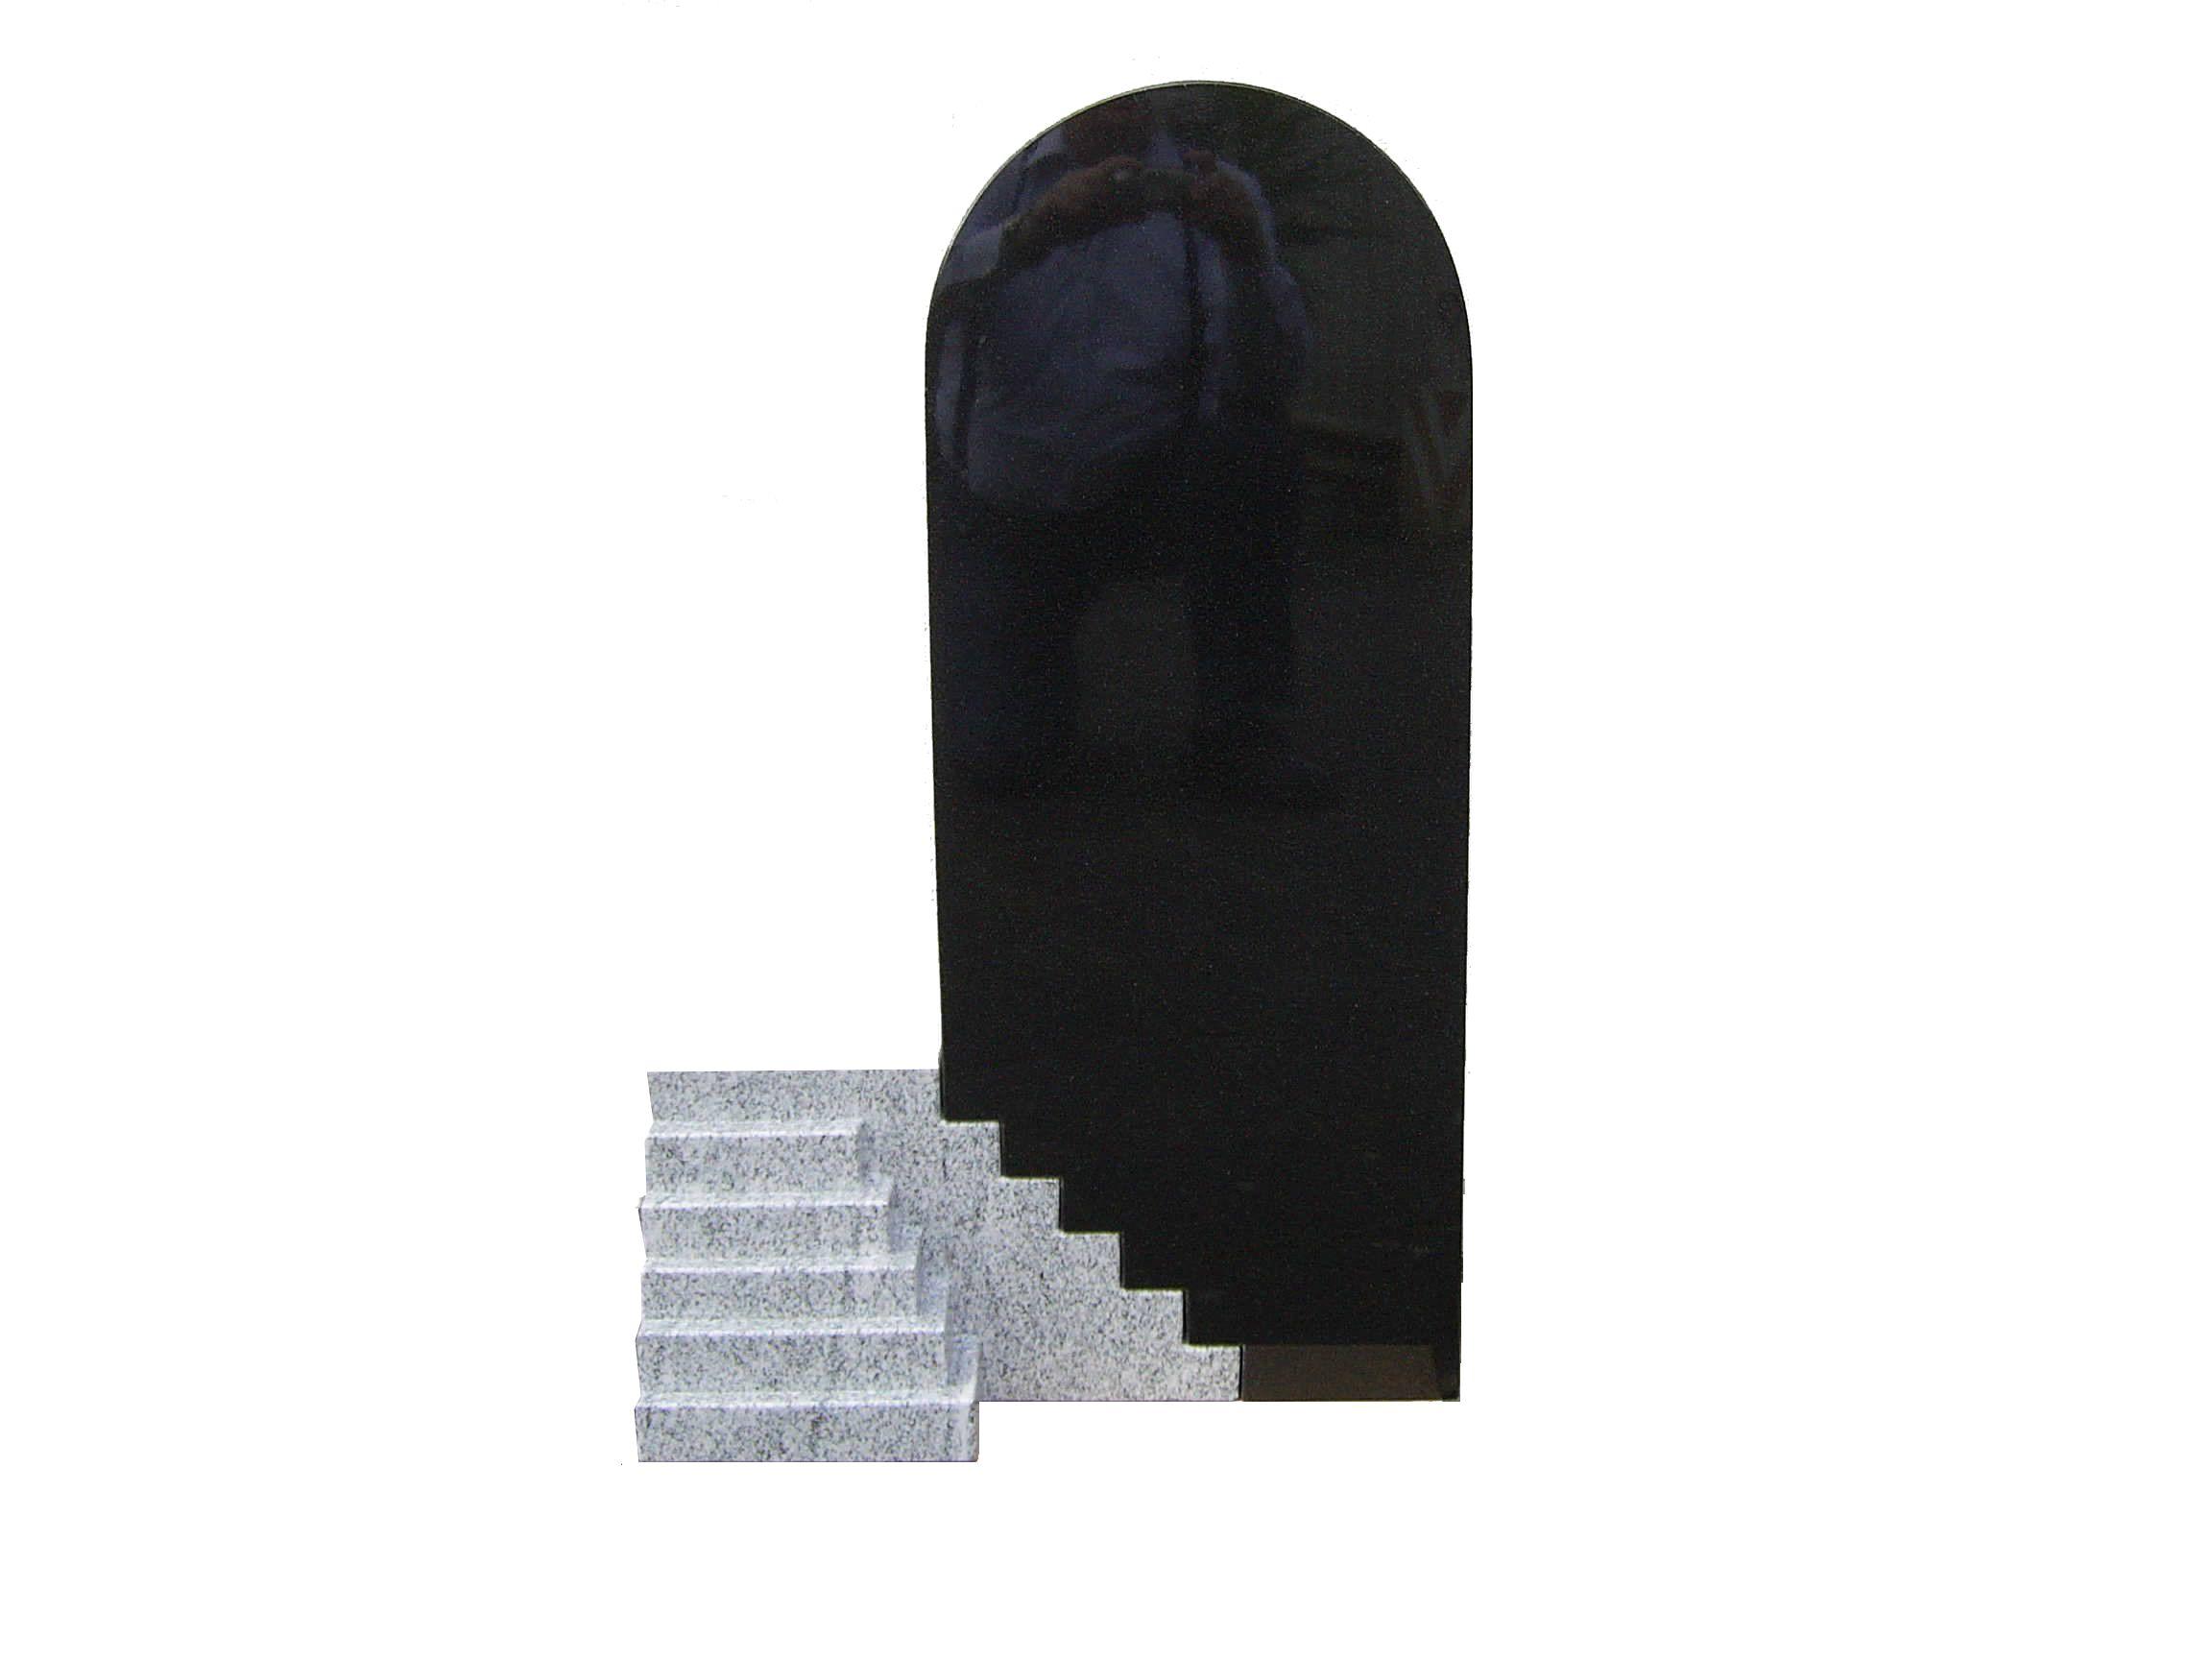 Grabanlage aus Granit Indian Black/Viscont White poliert